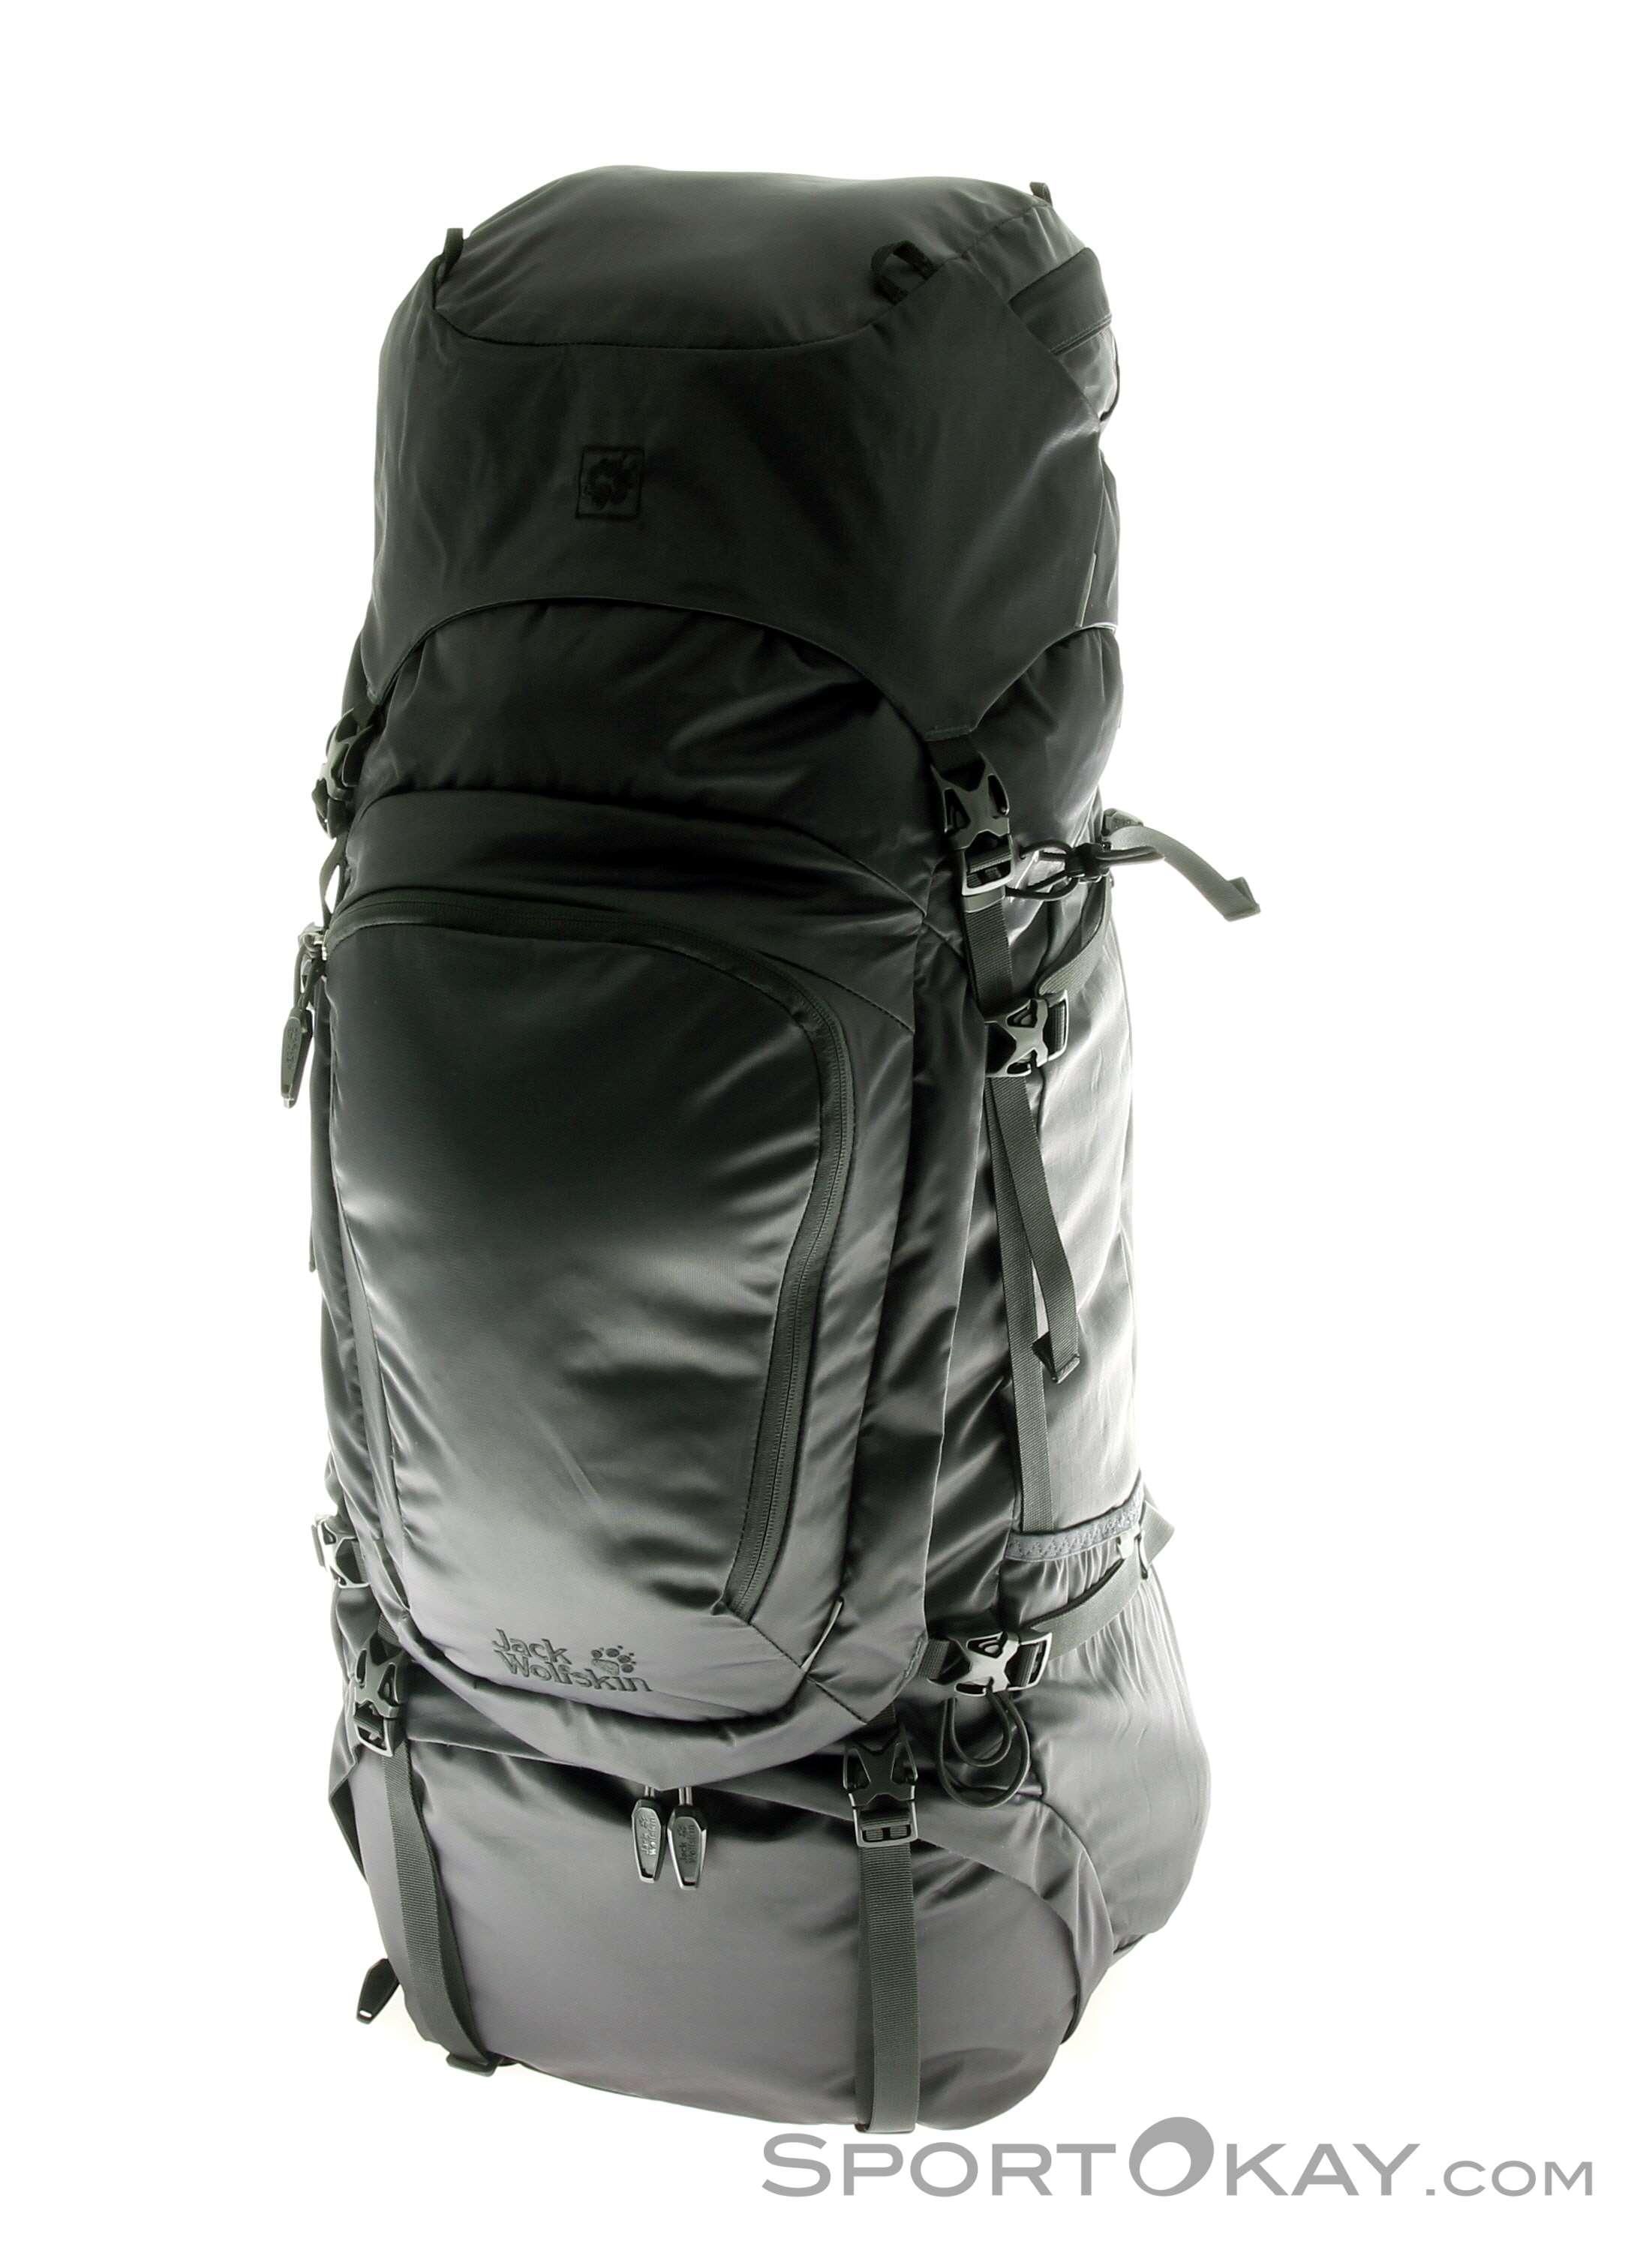 c6f758368b Jack Wolfskin Denali 65l Backpack, Jack Wolfskin, Black, , Male, 0230-